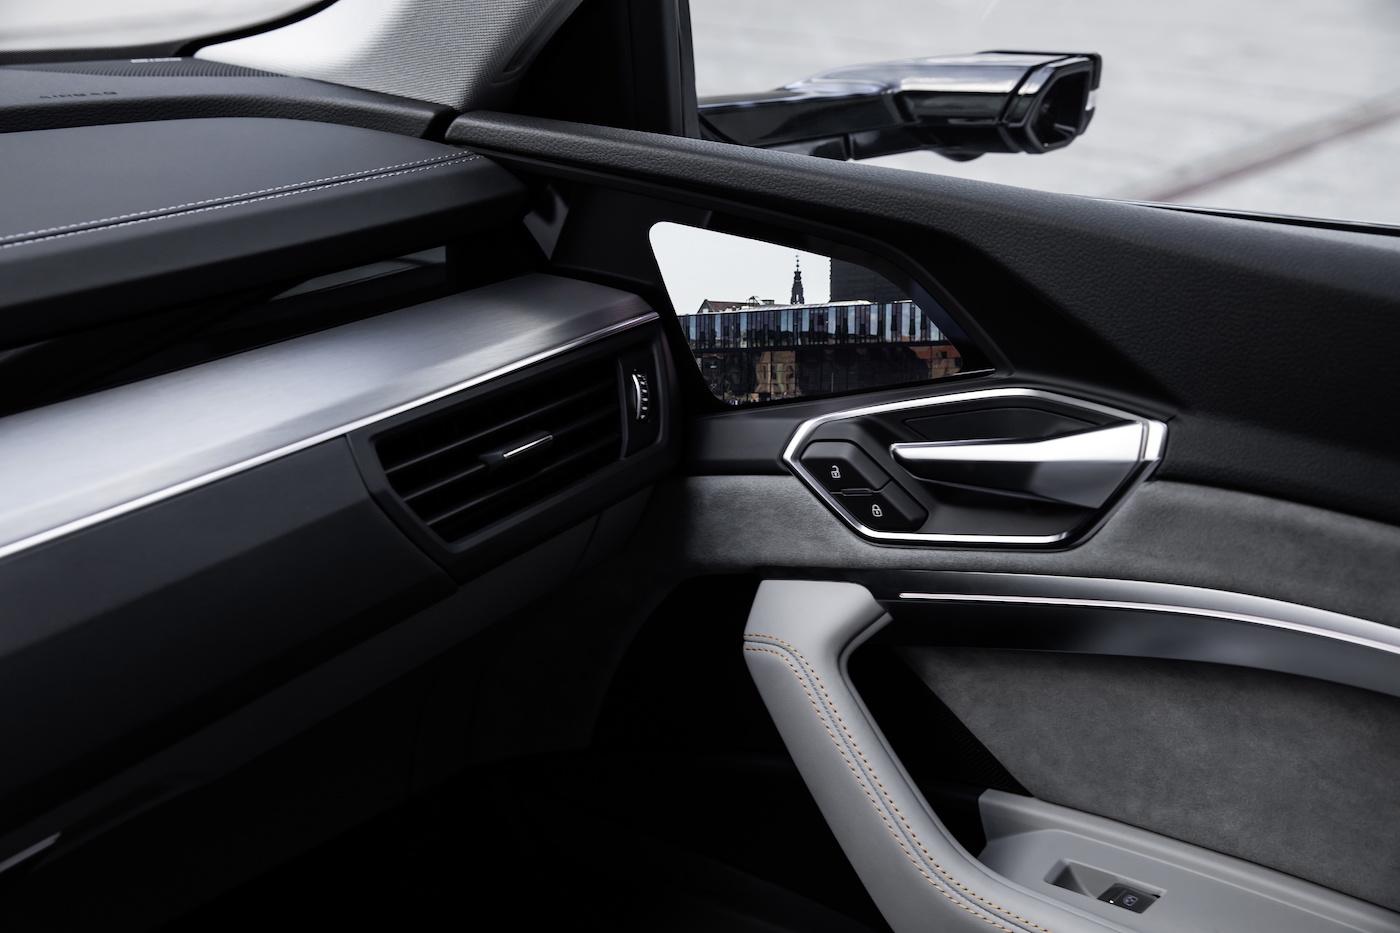 Die virtuellen Aussenspiegel des e-tron-Prototypen sind ein Technik-Highlight mit praktischen Vorteilen. (Audi)